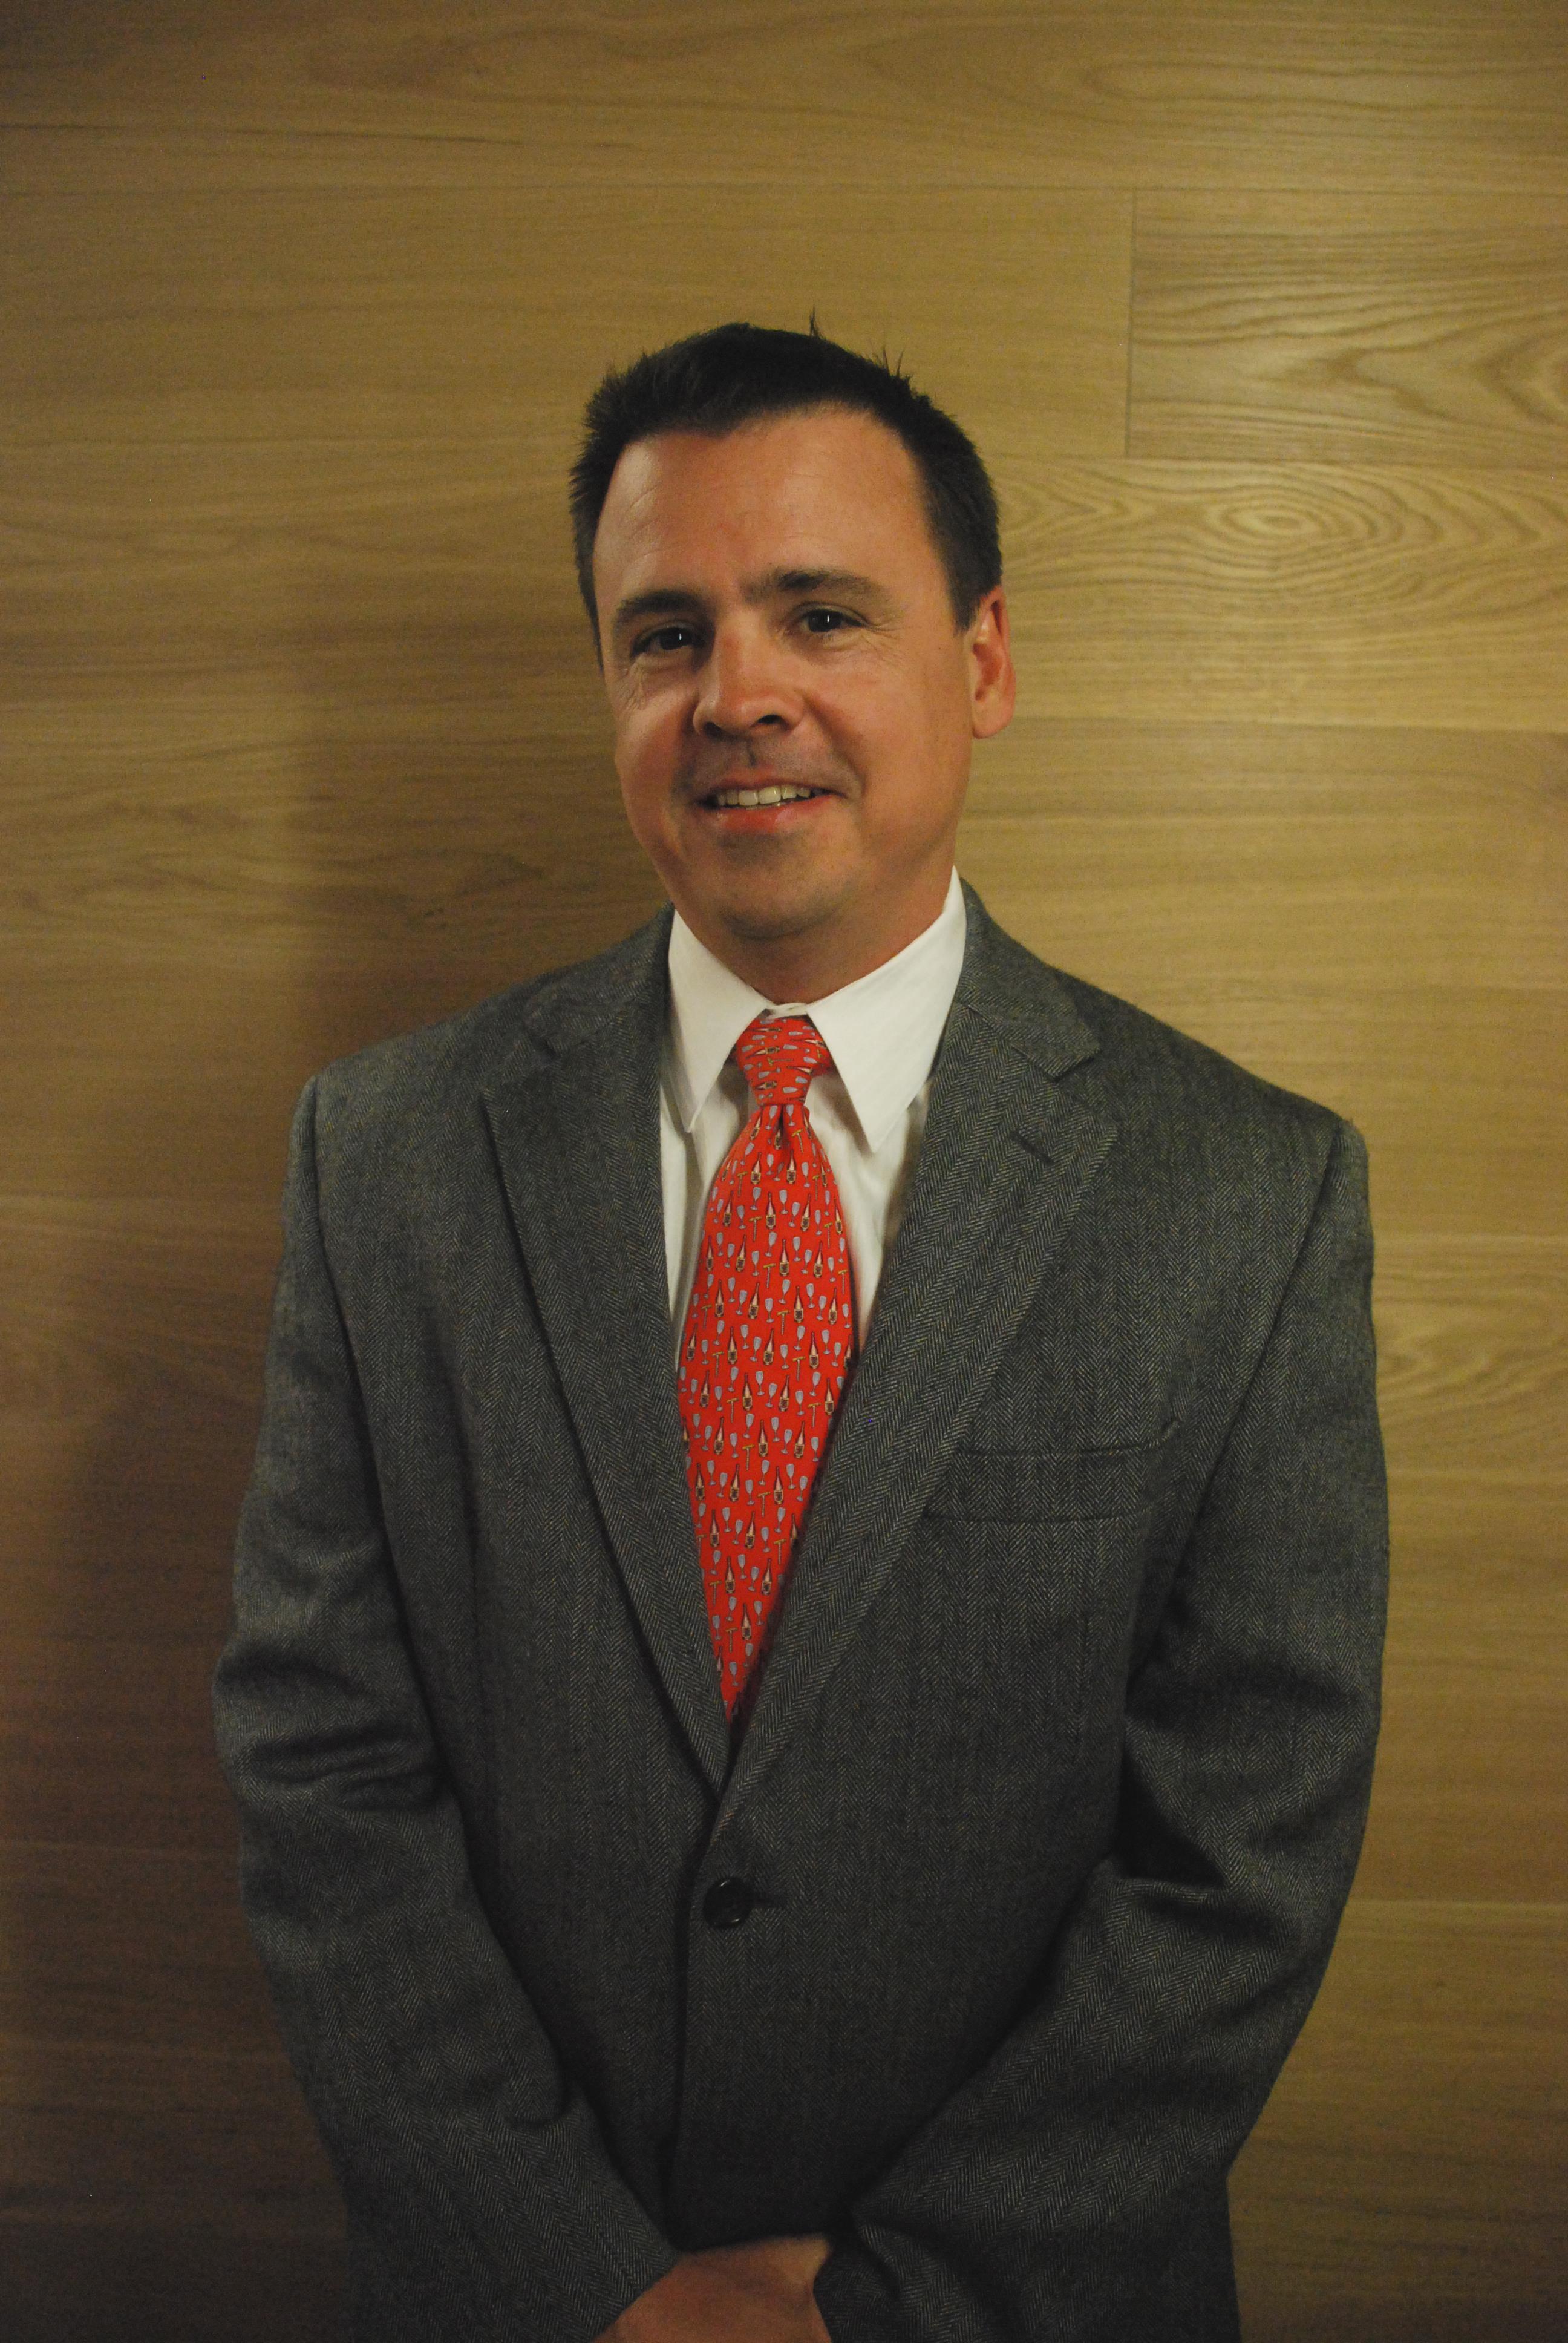 Ed Gorman